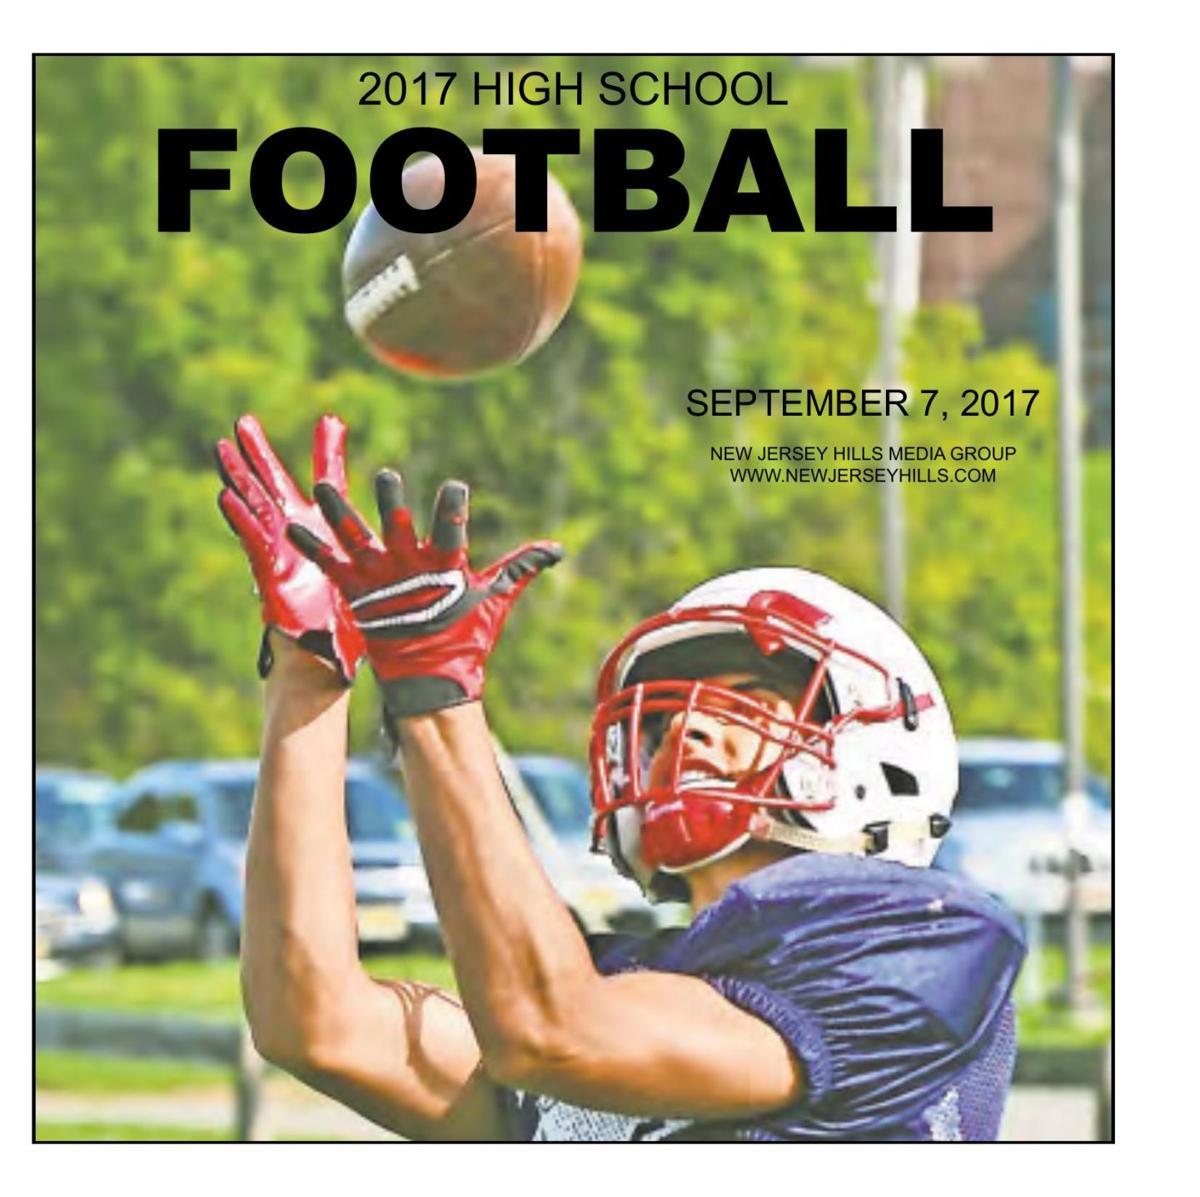 Football Preview - September 7, 2017